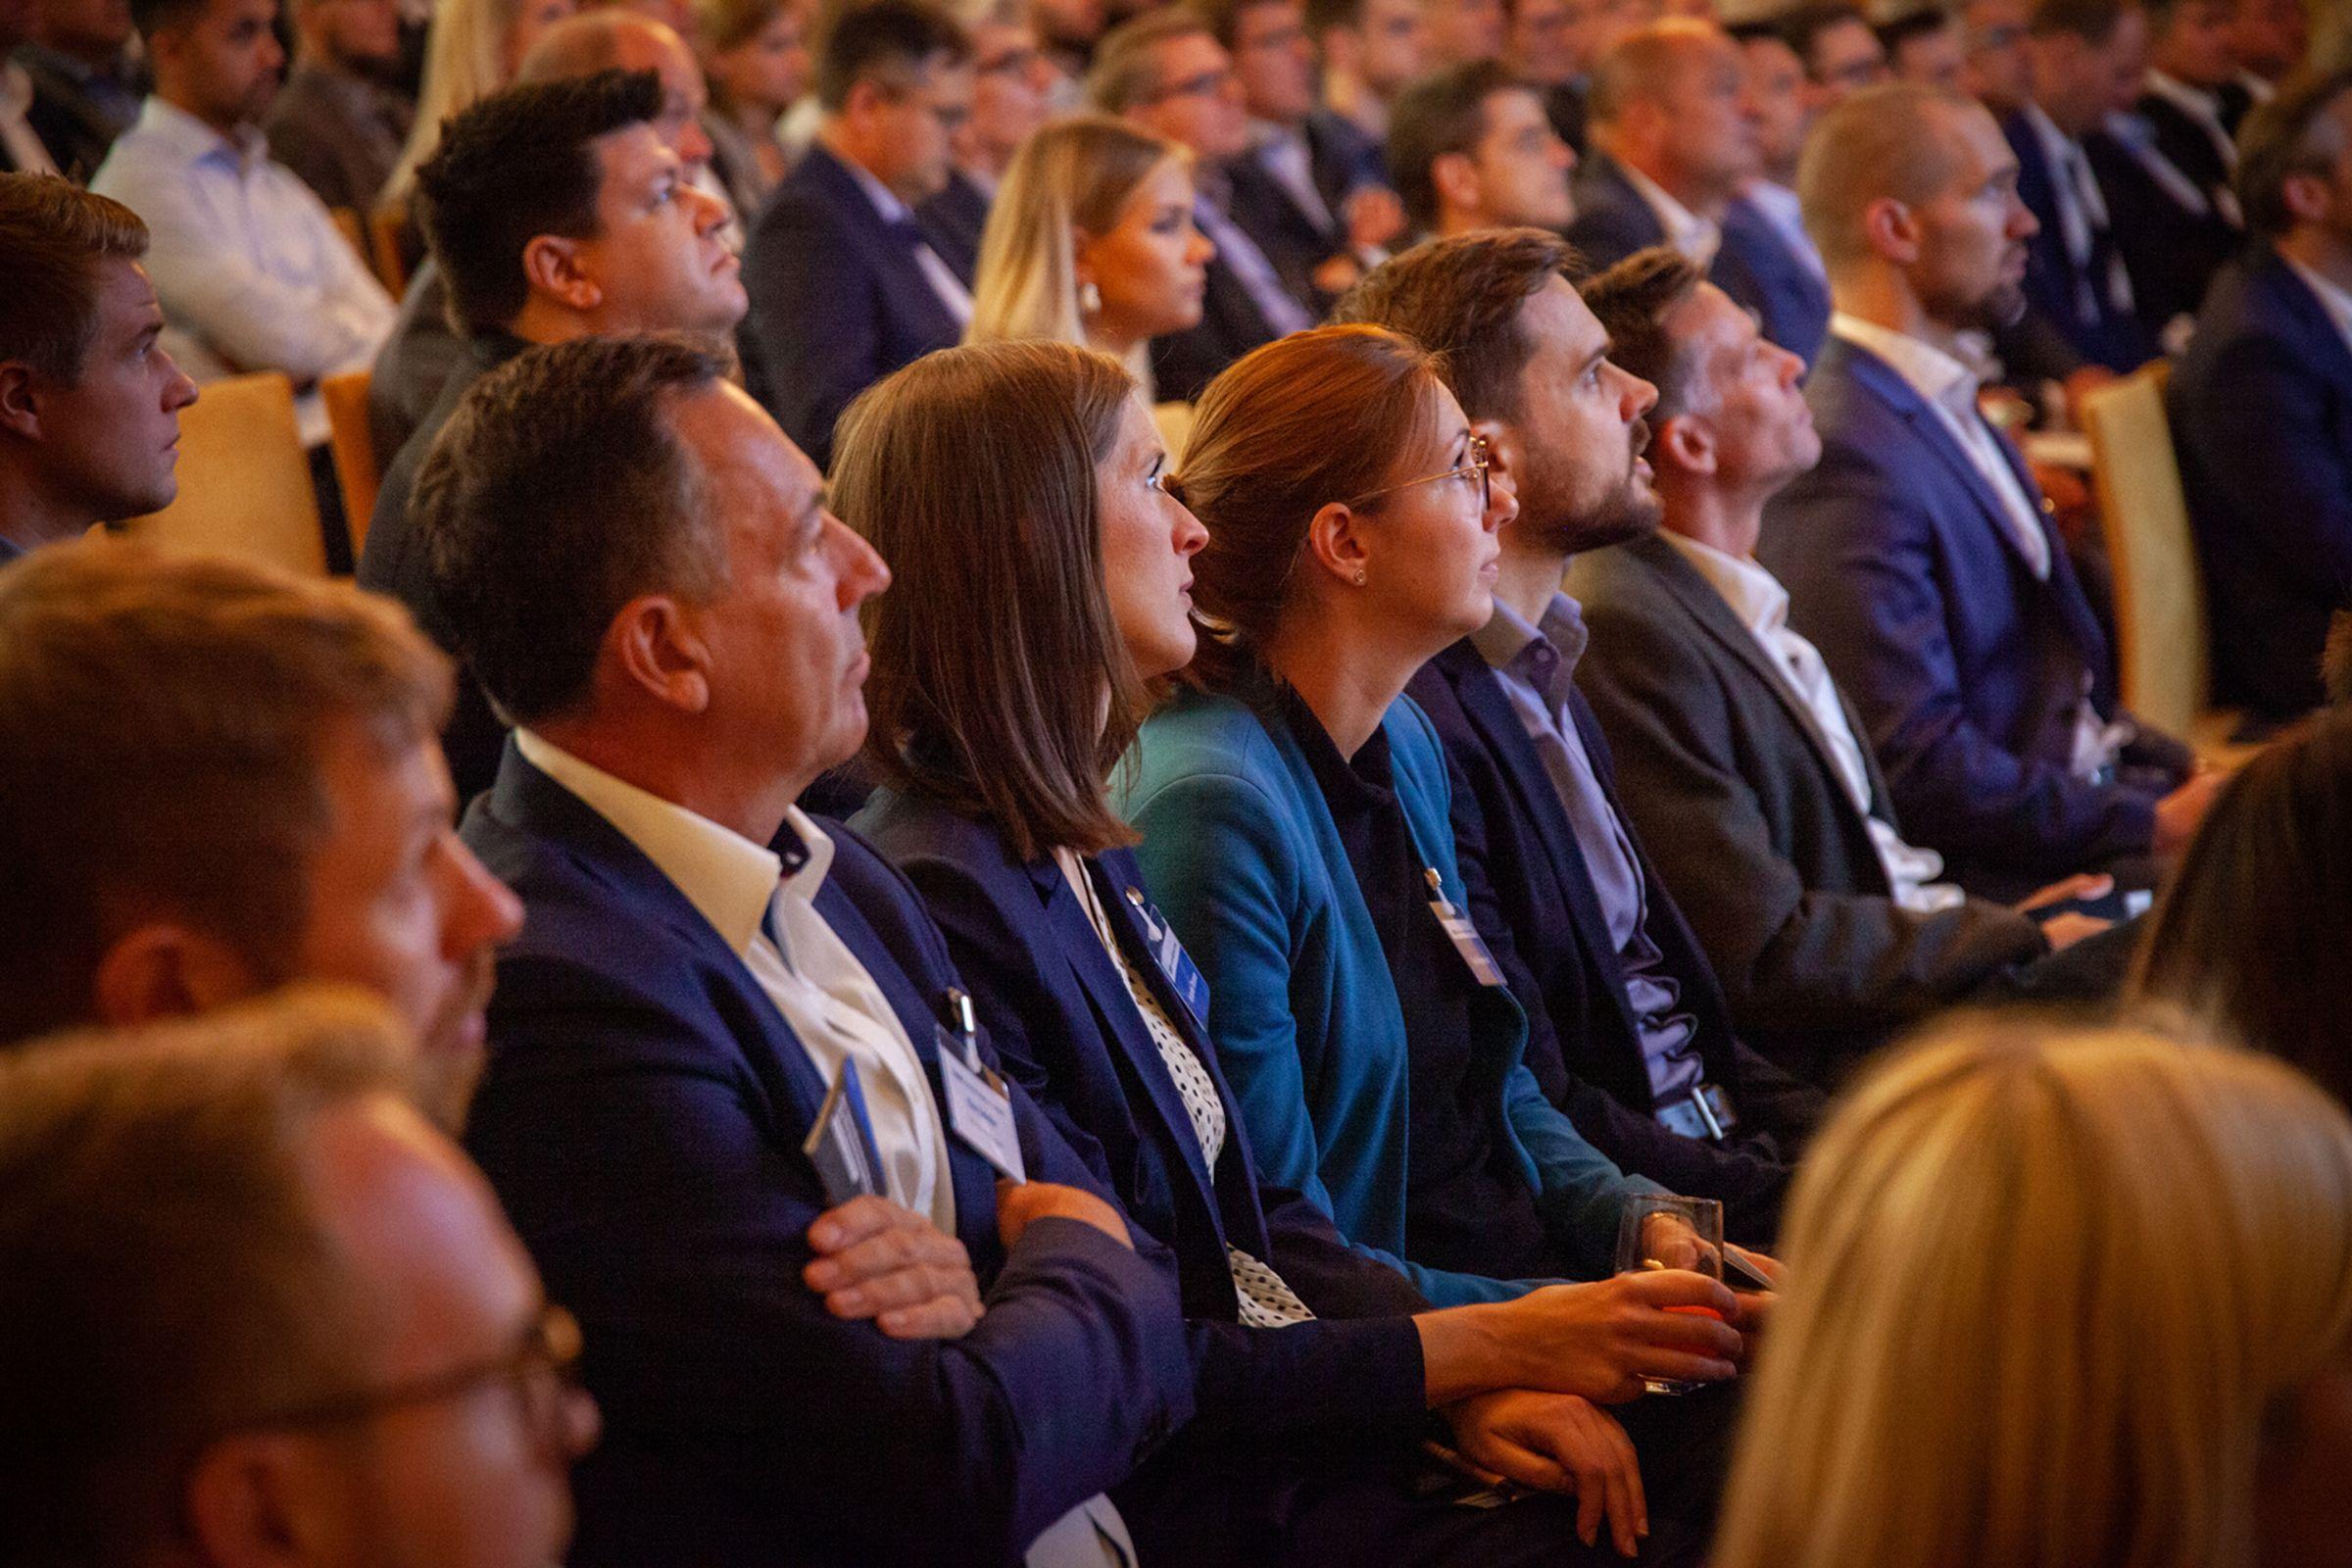 Ökosysteme, Plattformen und Customer Experience – das waren zentrale Themen des Partnerkongresses 2019